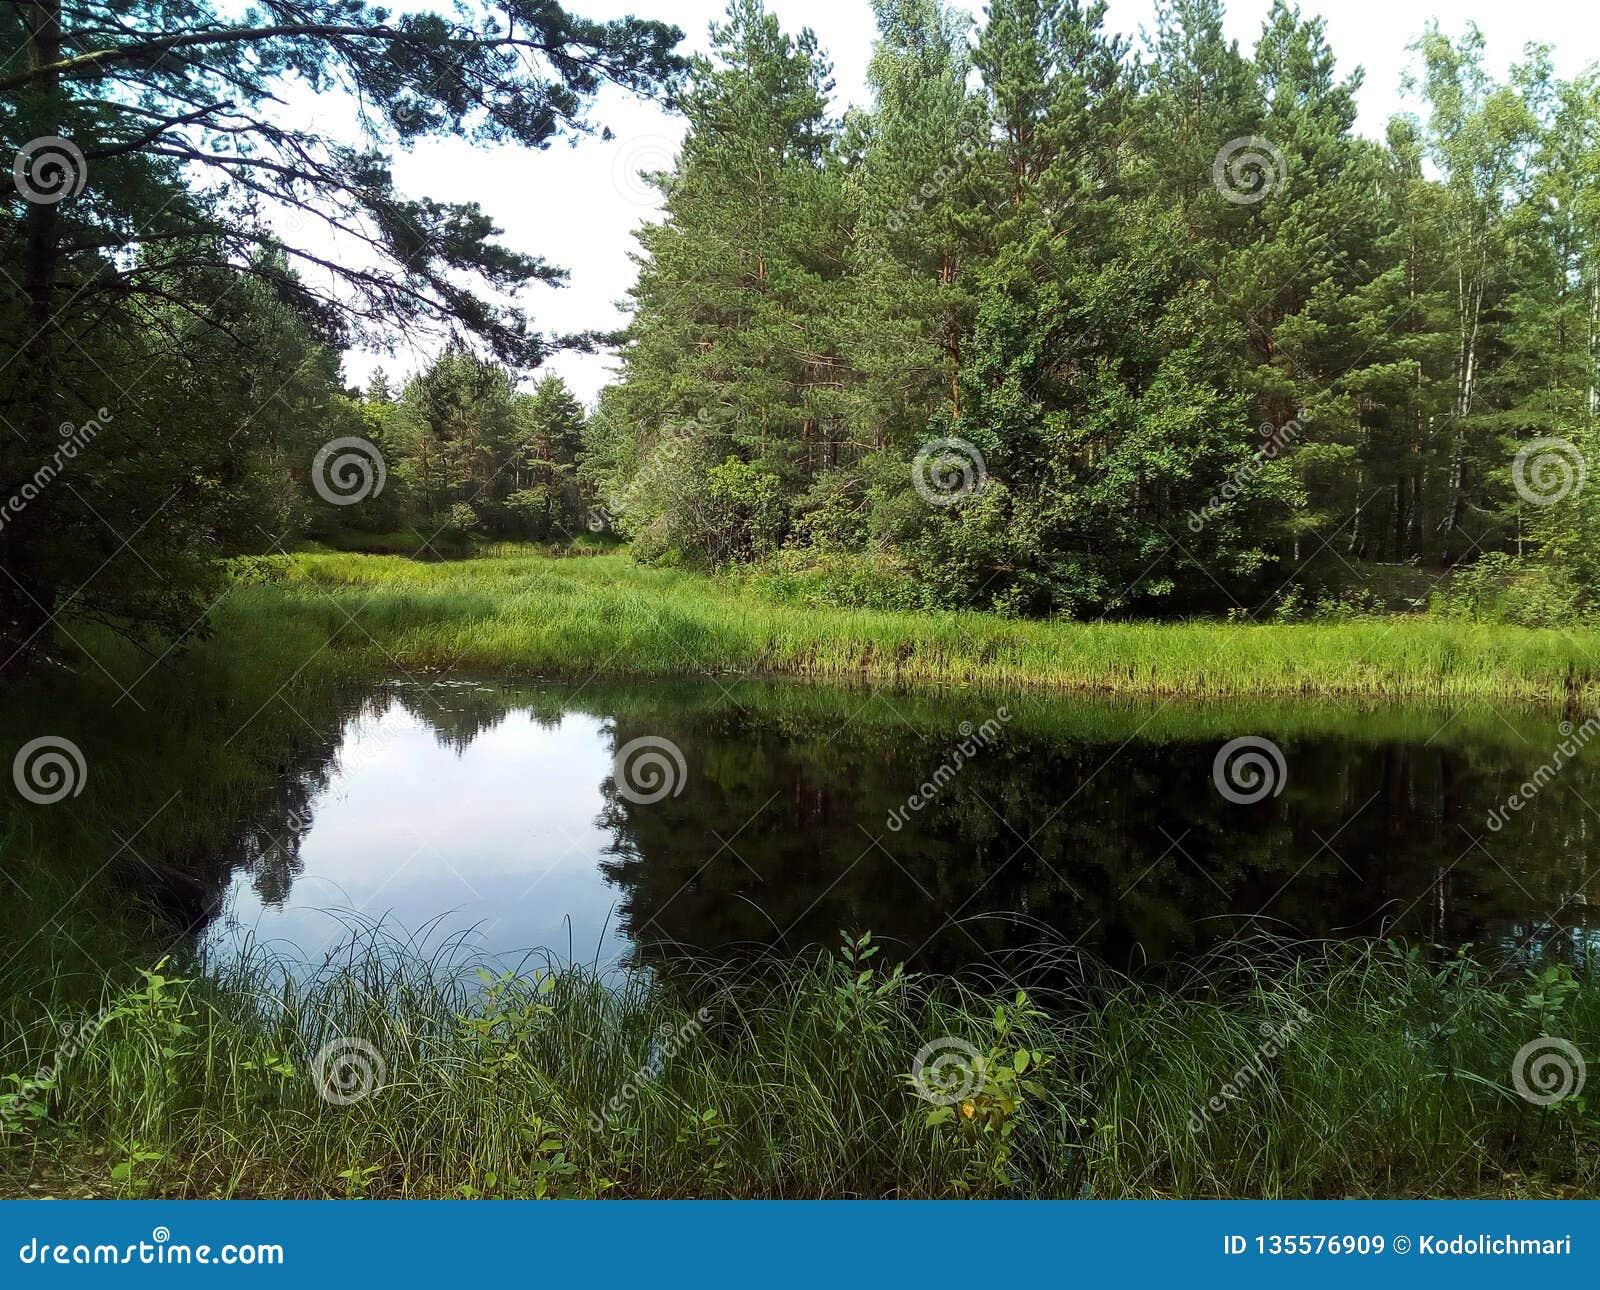 Vatten sjö, landskap, natur, flod, himmel, reflexion, träd, skog, sommar